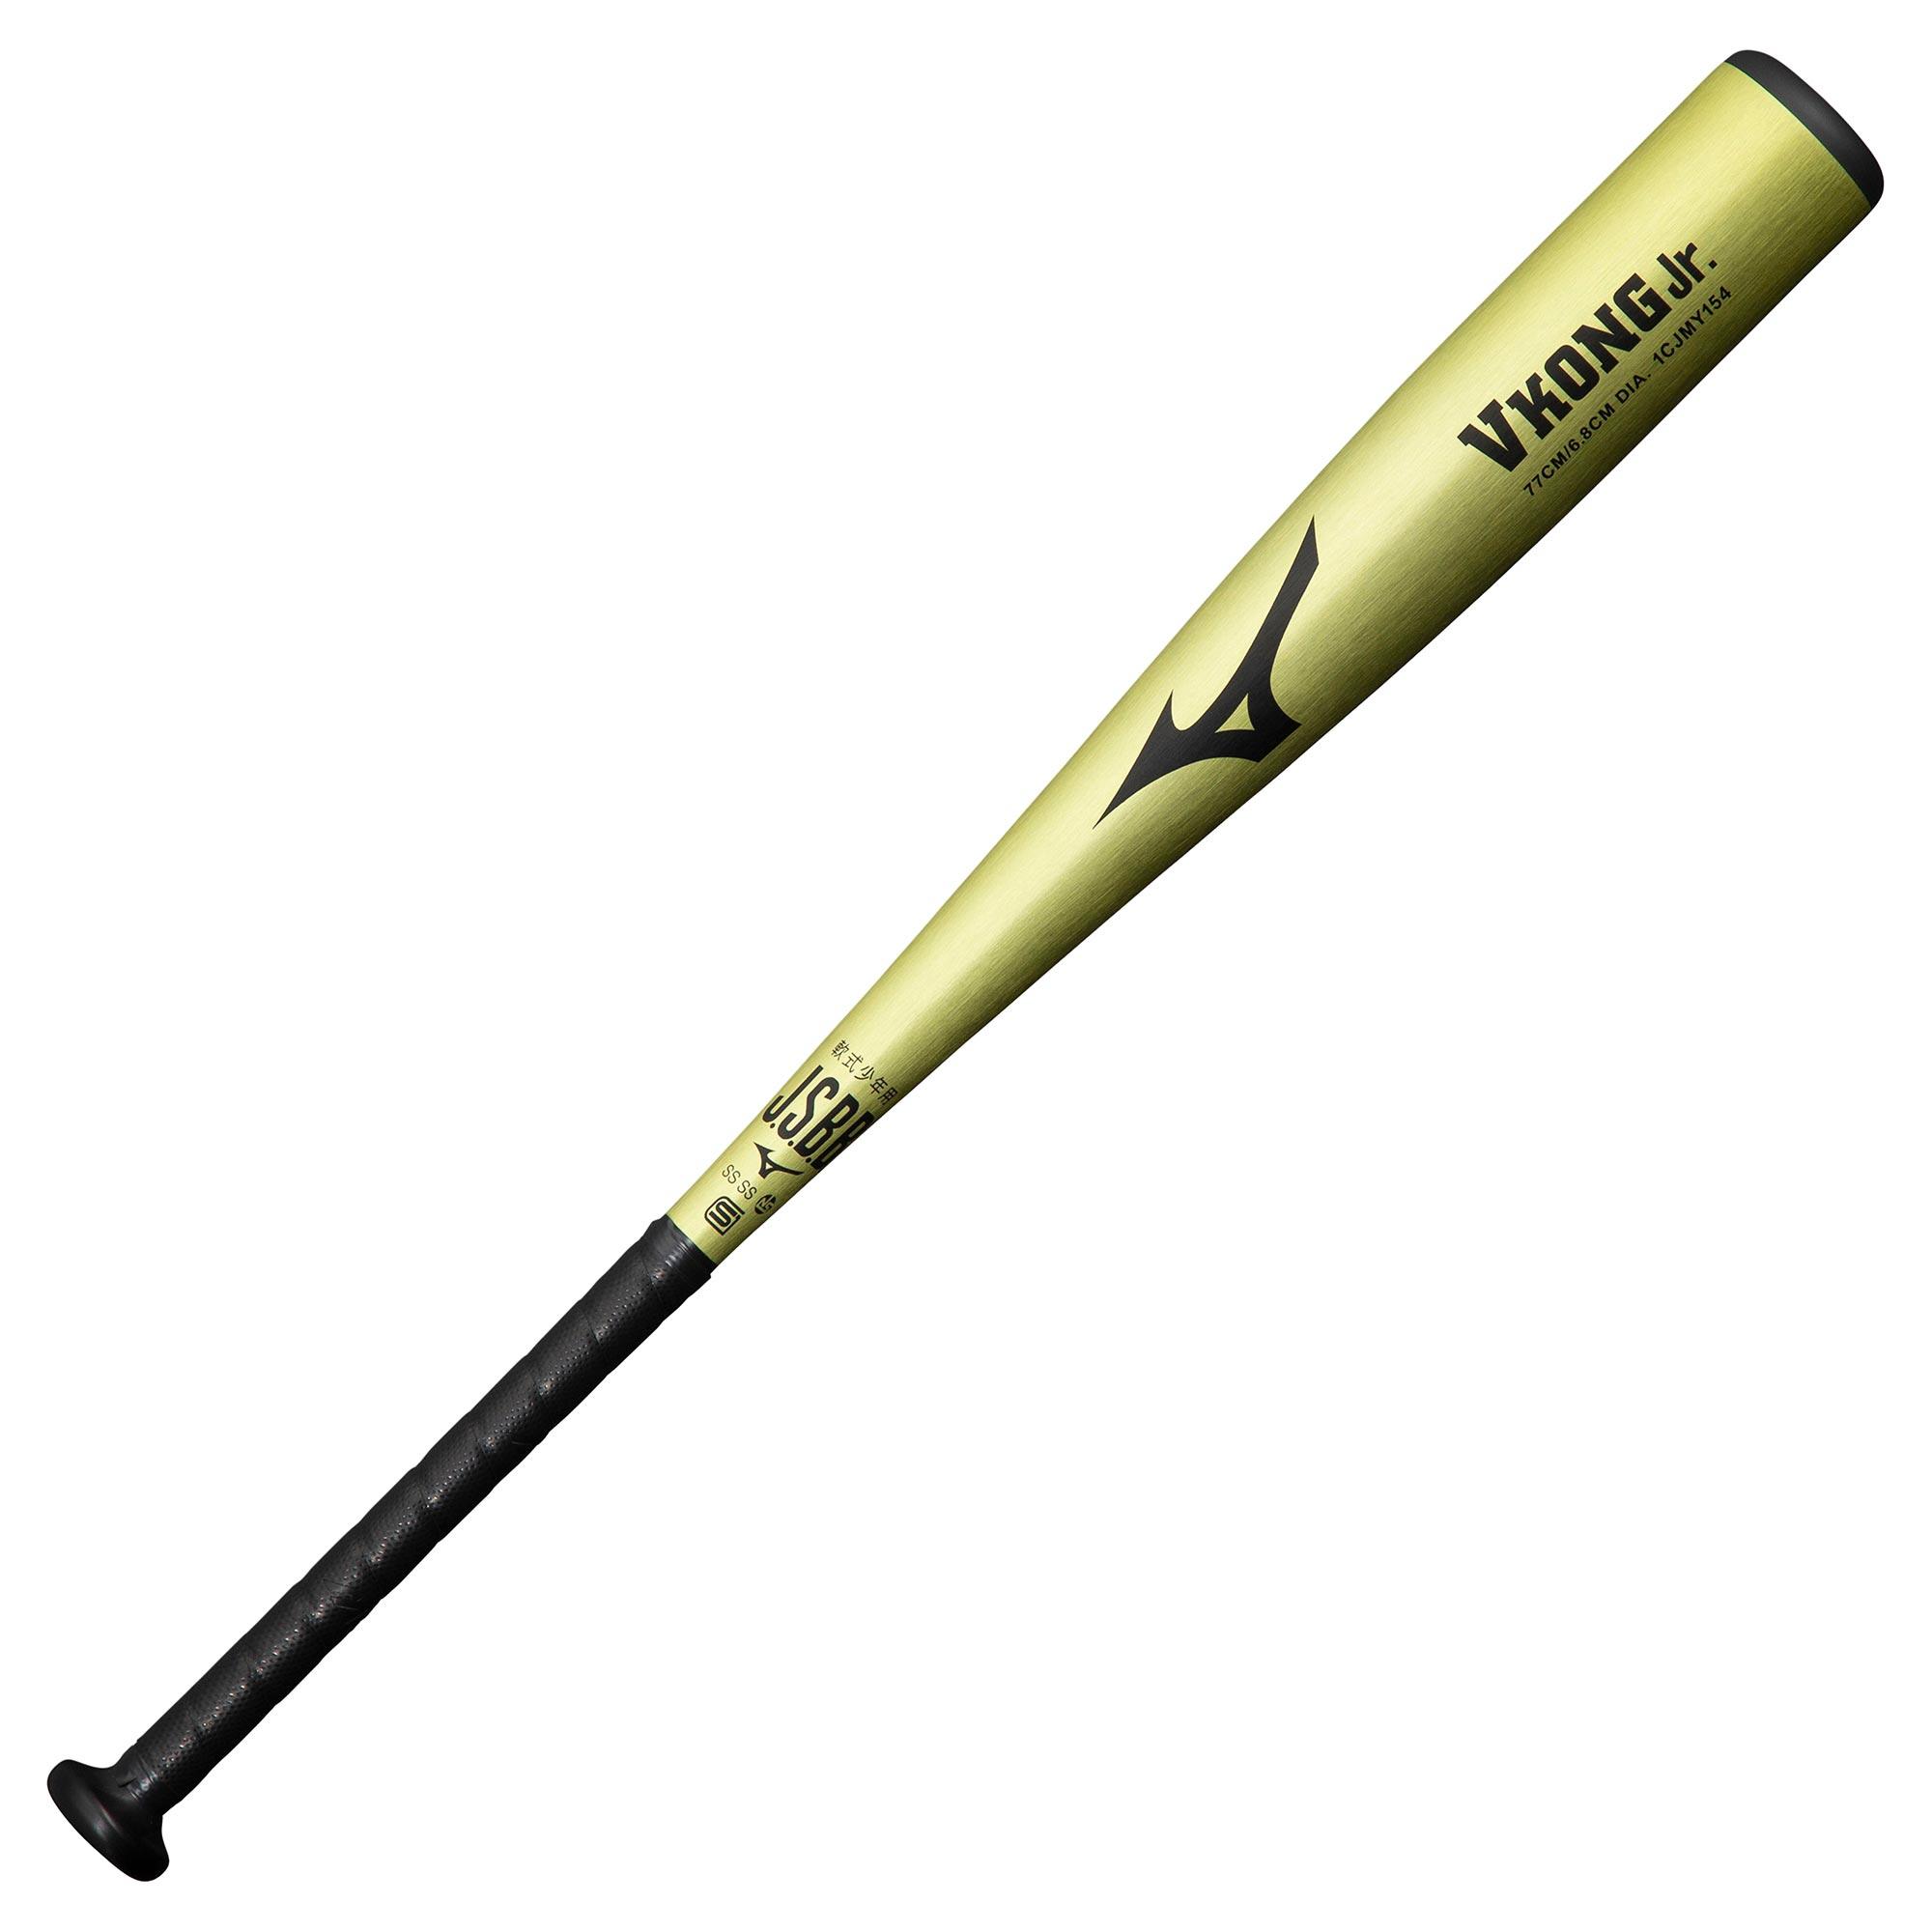 少年野球バット ブイコング ジュニア 小学生 野球バット 超目玉 2021年7月発売 新作 少年野球 ミズノ 全品送料無料 Jr 少年軟式バット Vコング 1CJMY15477-40 バット